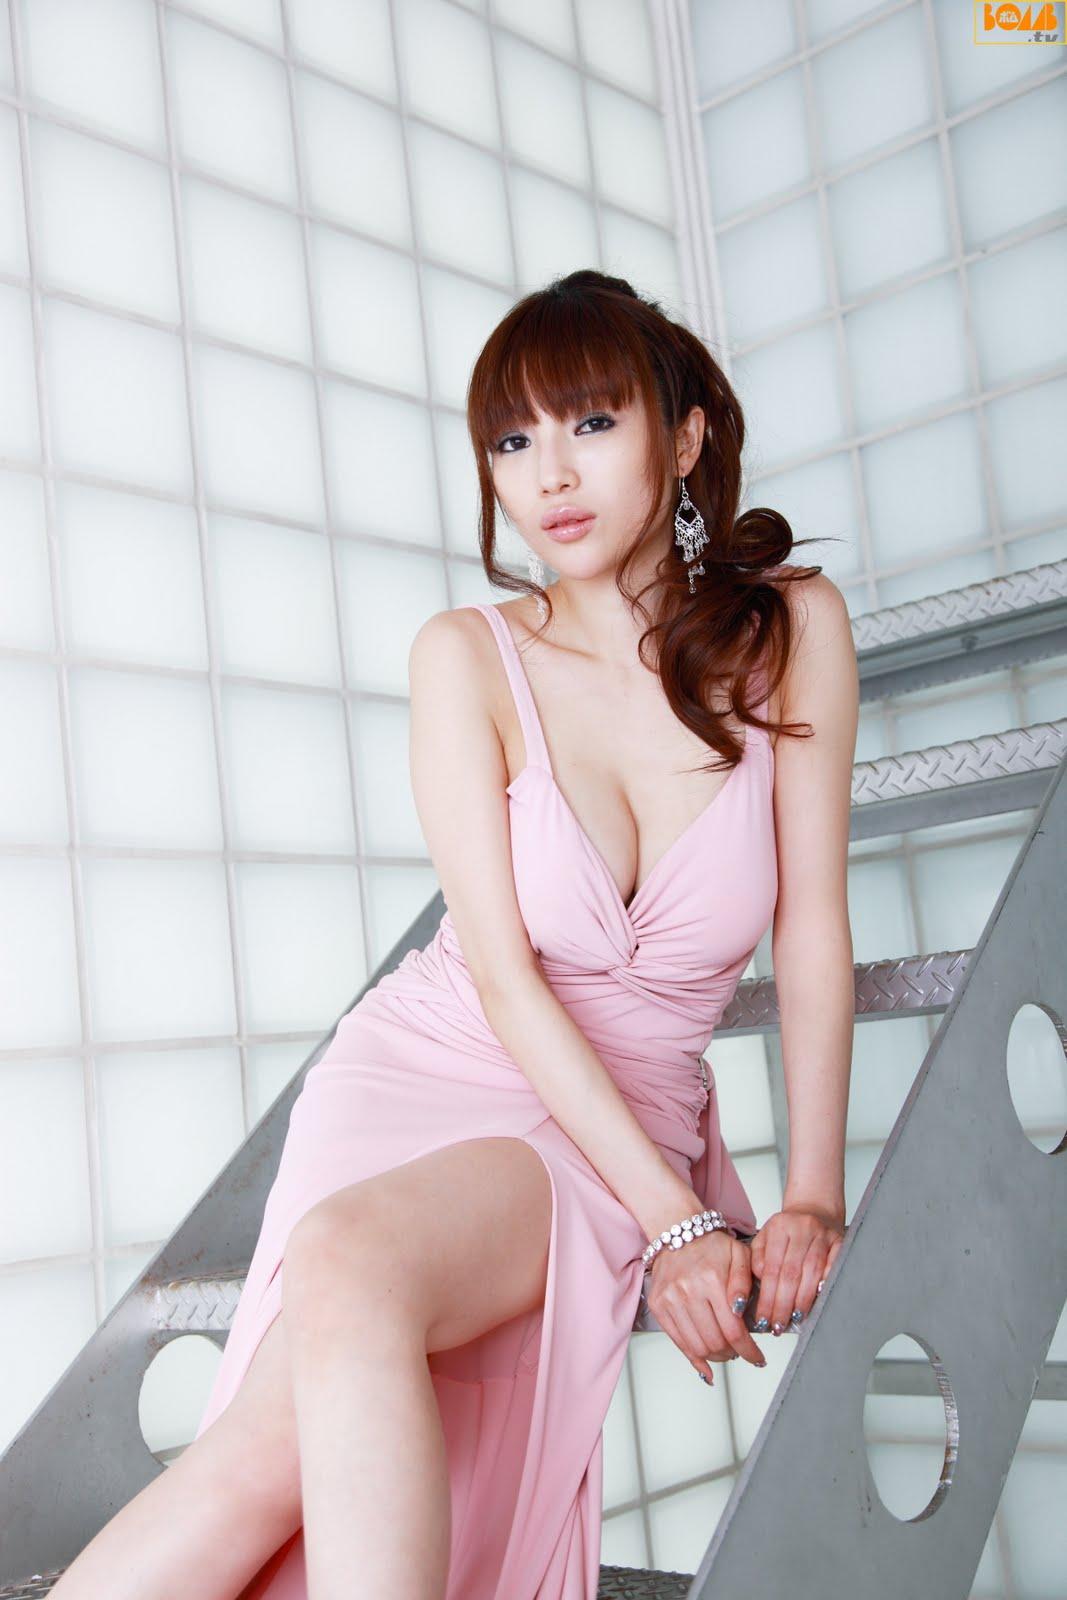 image Mariko shiraishi 07 japanese beauties